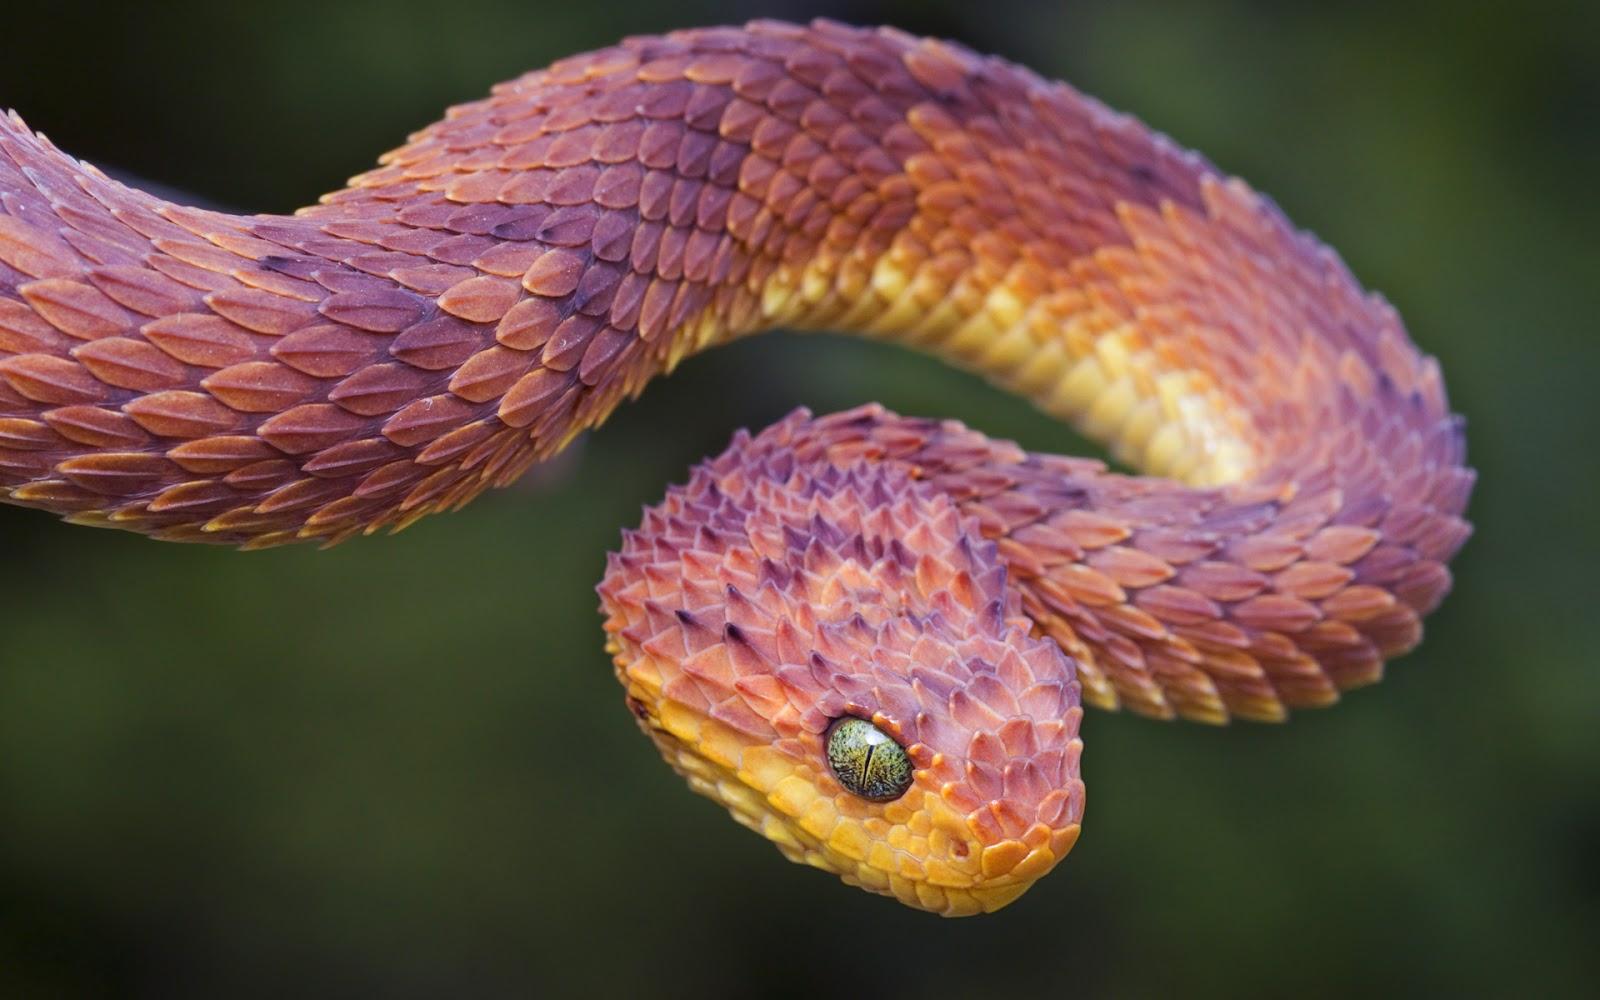 download pink snake wallpaper